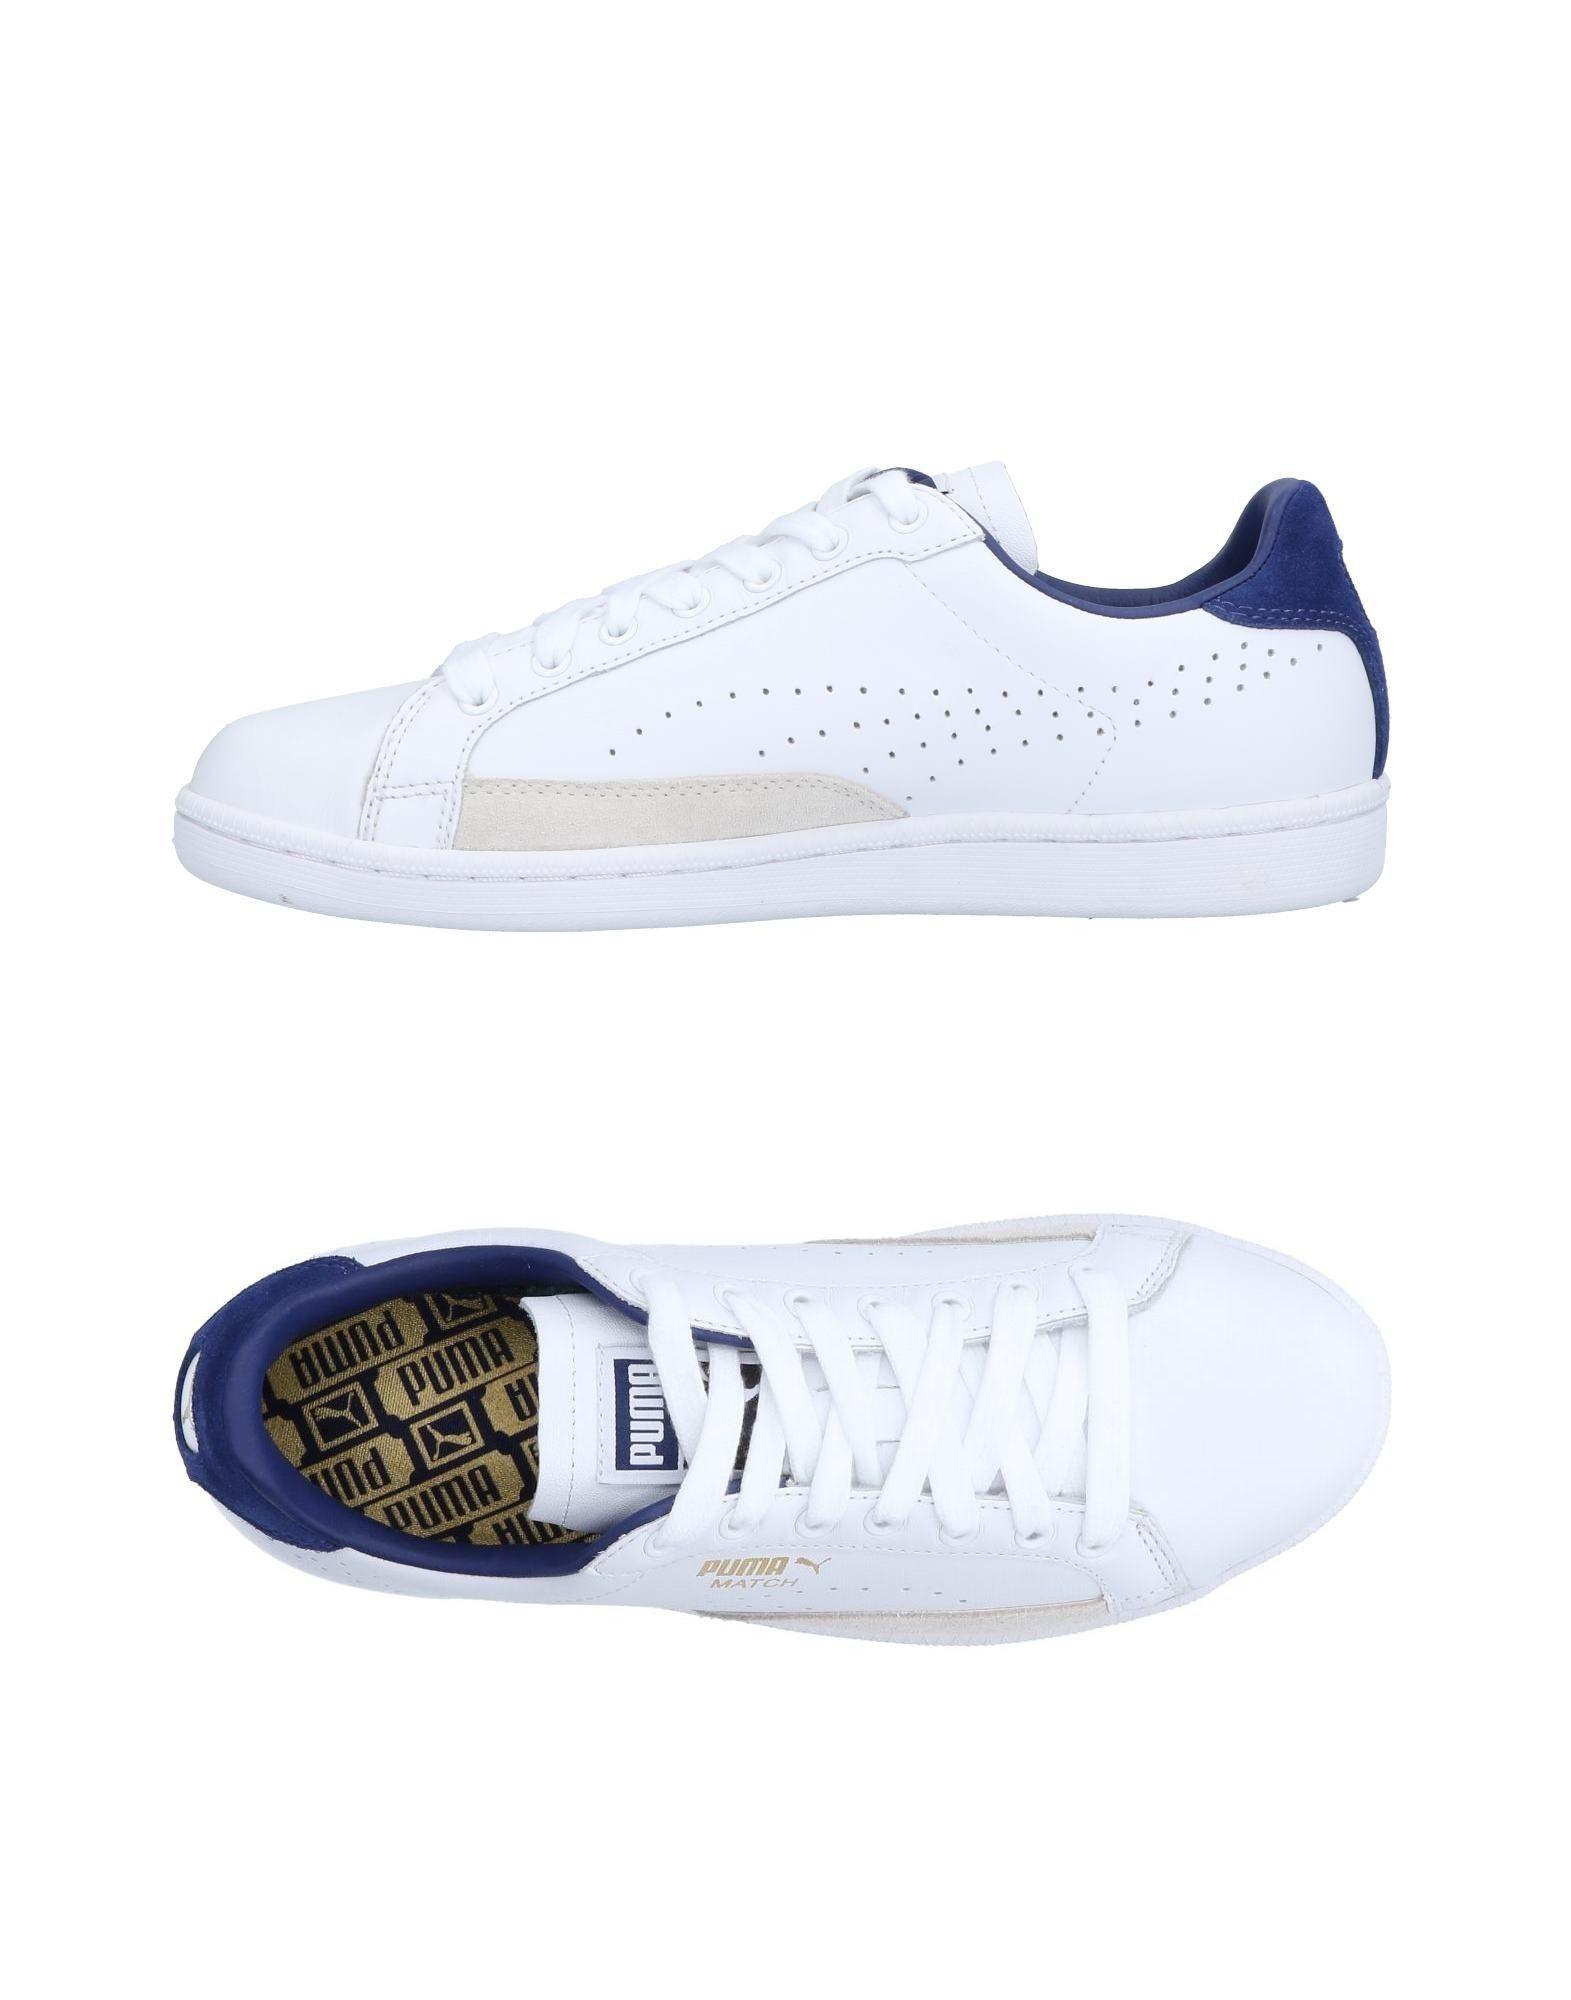 Rabatt echte  Schuhe Puma Sneakers Herren  echte 11495887XK 8067ad